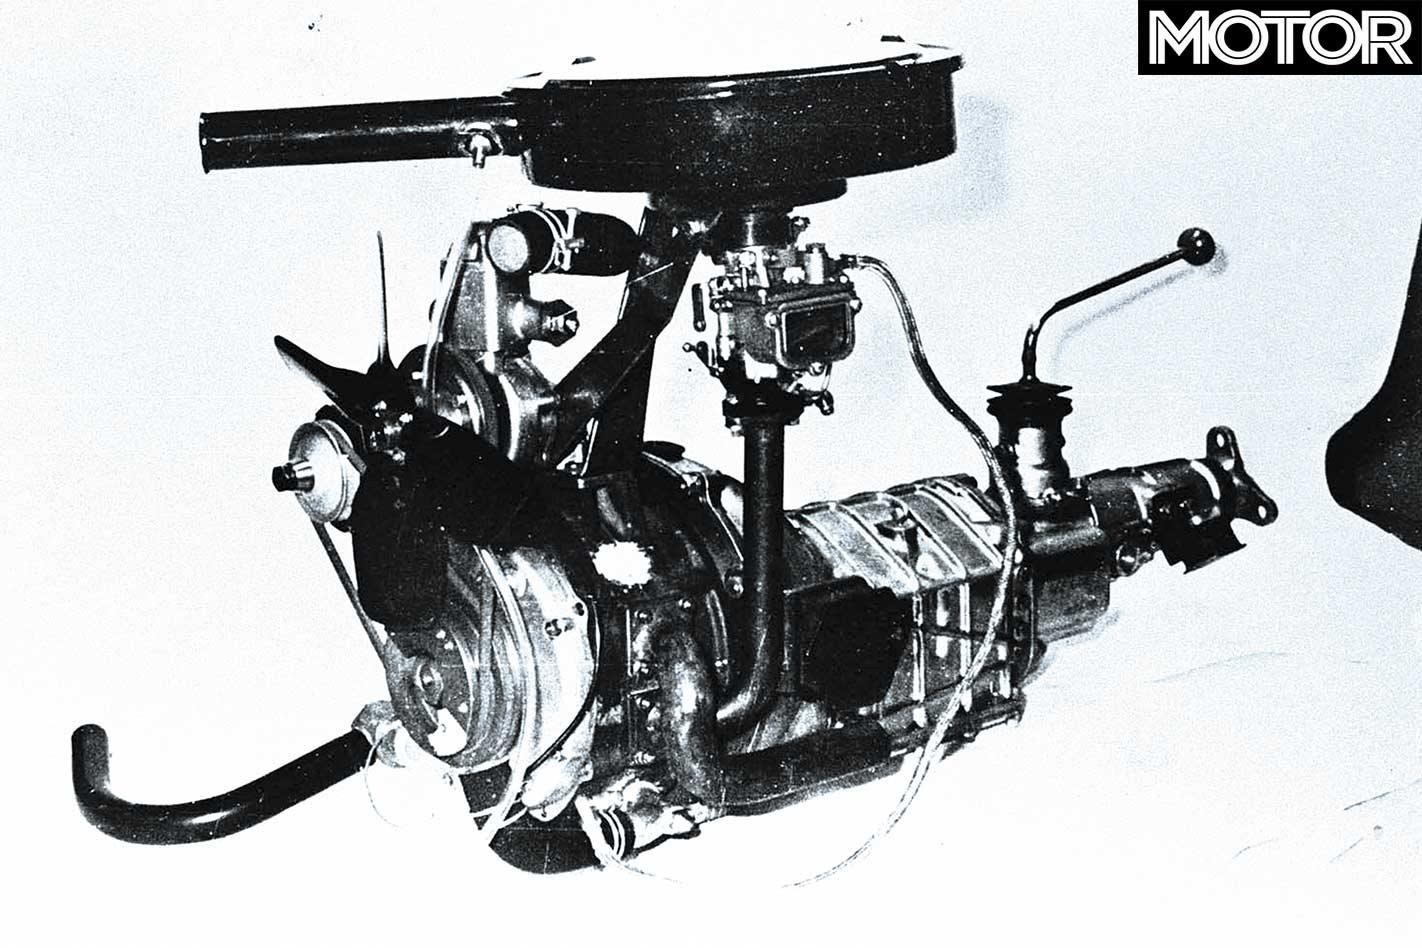 40 years of Mazda rotary in Australia: classic MOTOR